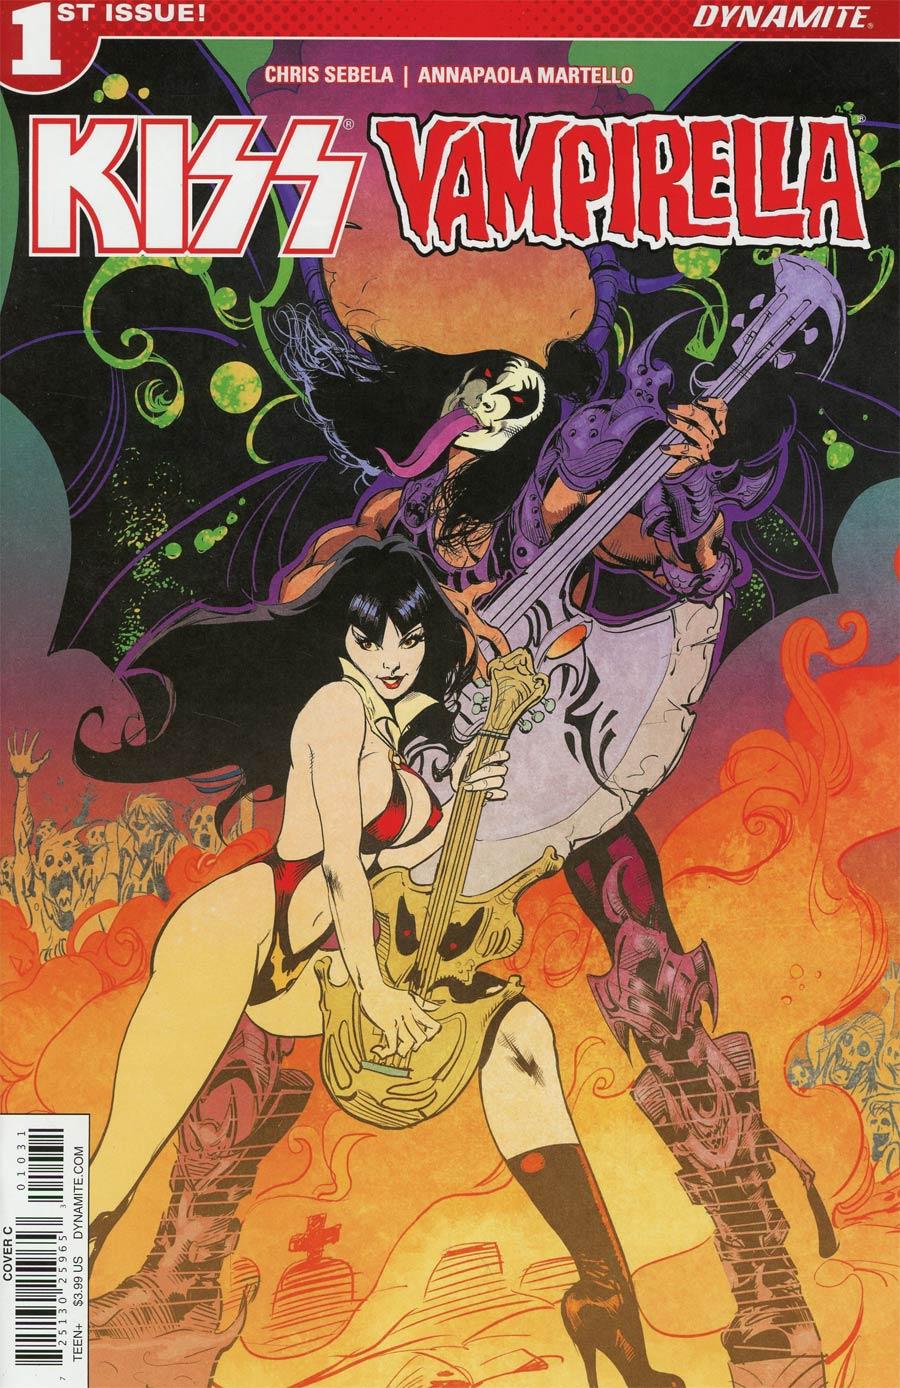 KISS Vampirella #1 Cover C Variant Roberto Castro Cover